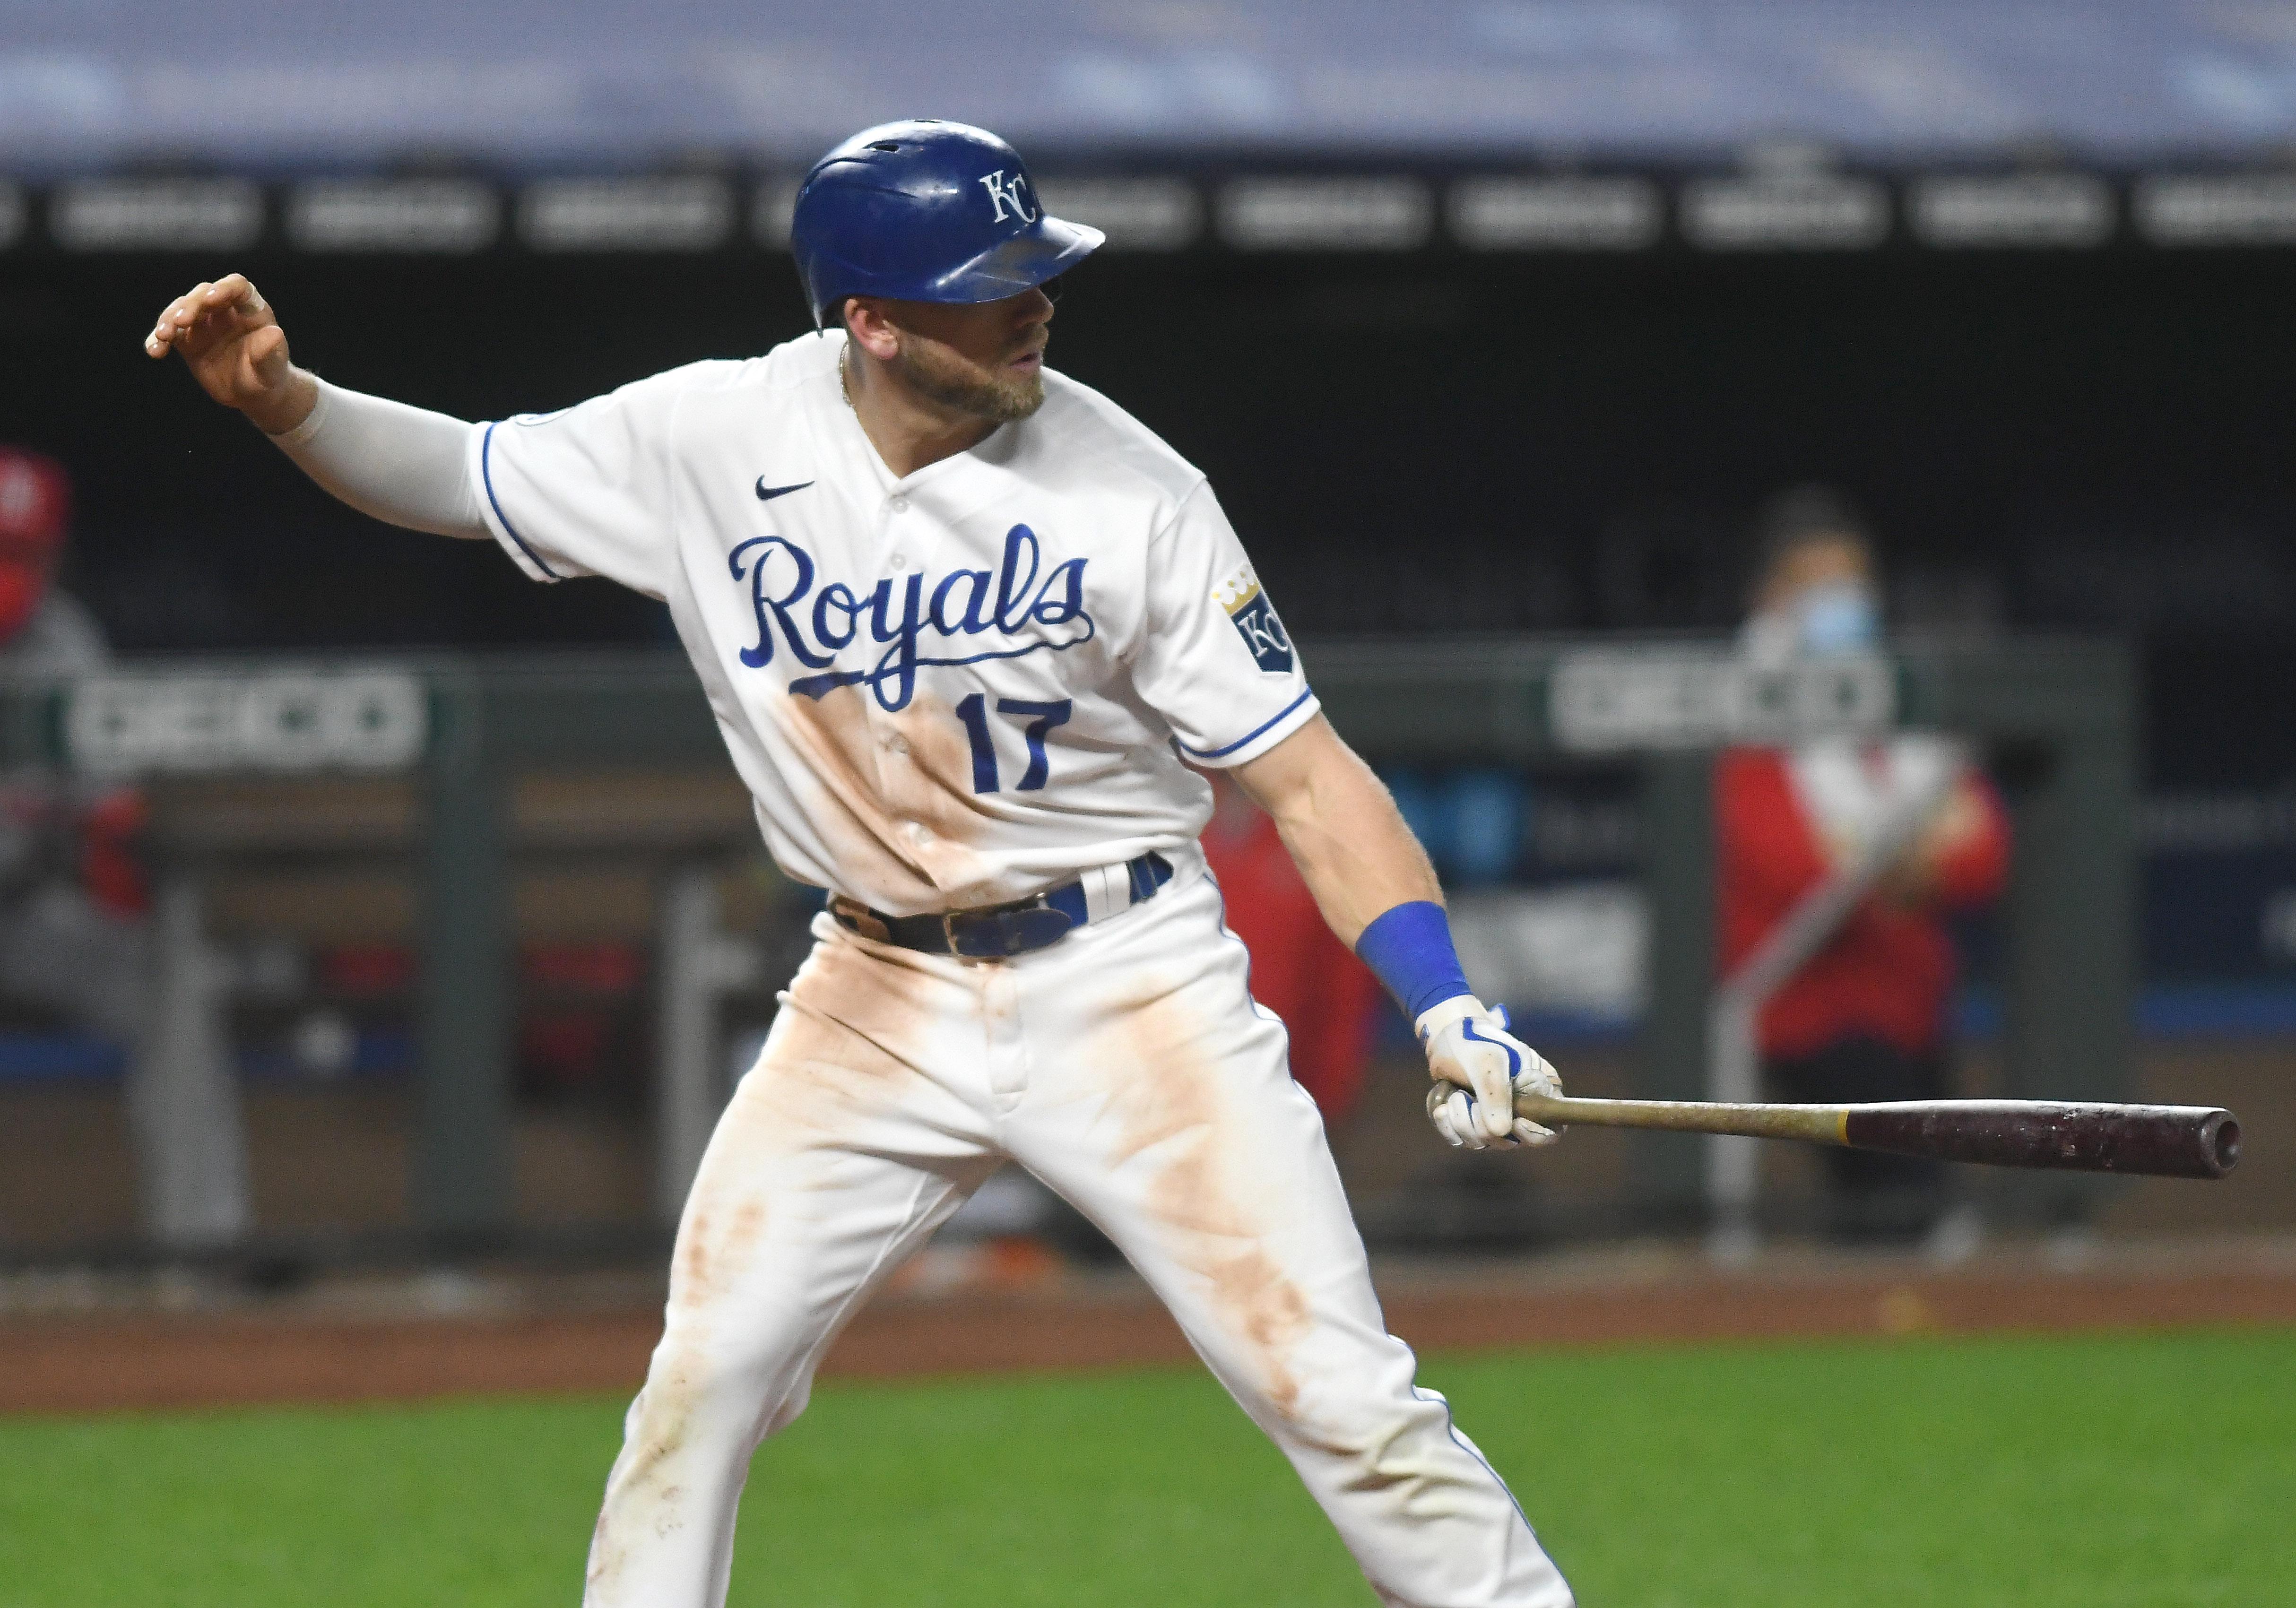 MLB: SEP 23 Cardinals at Royals